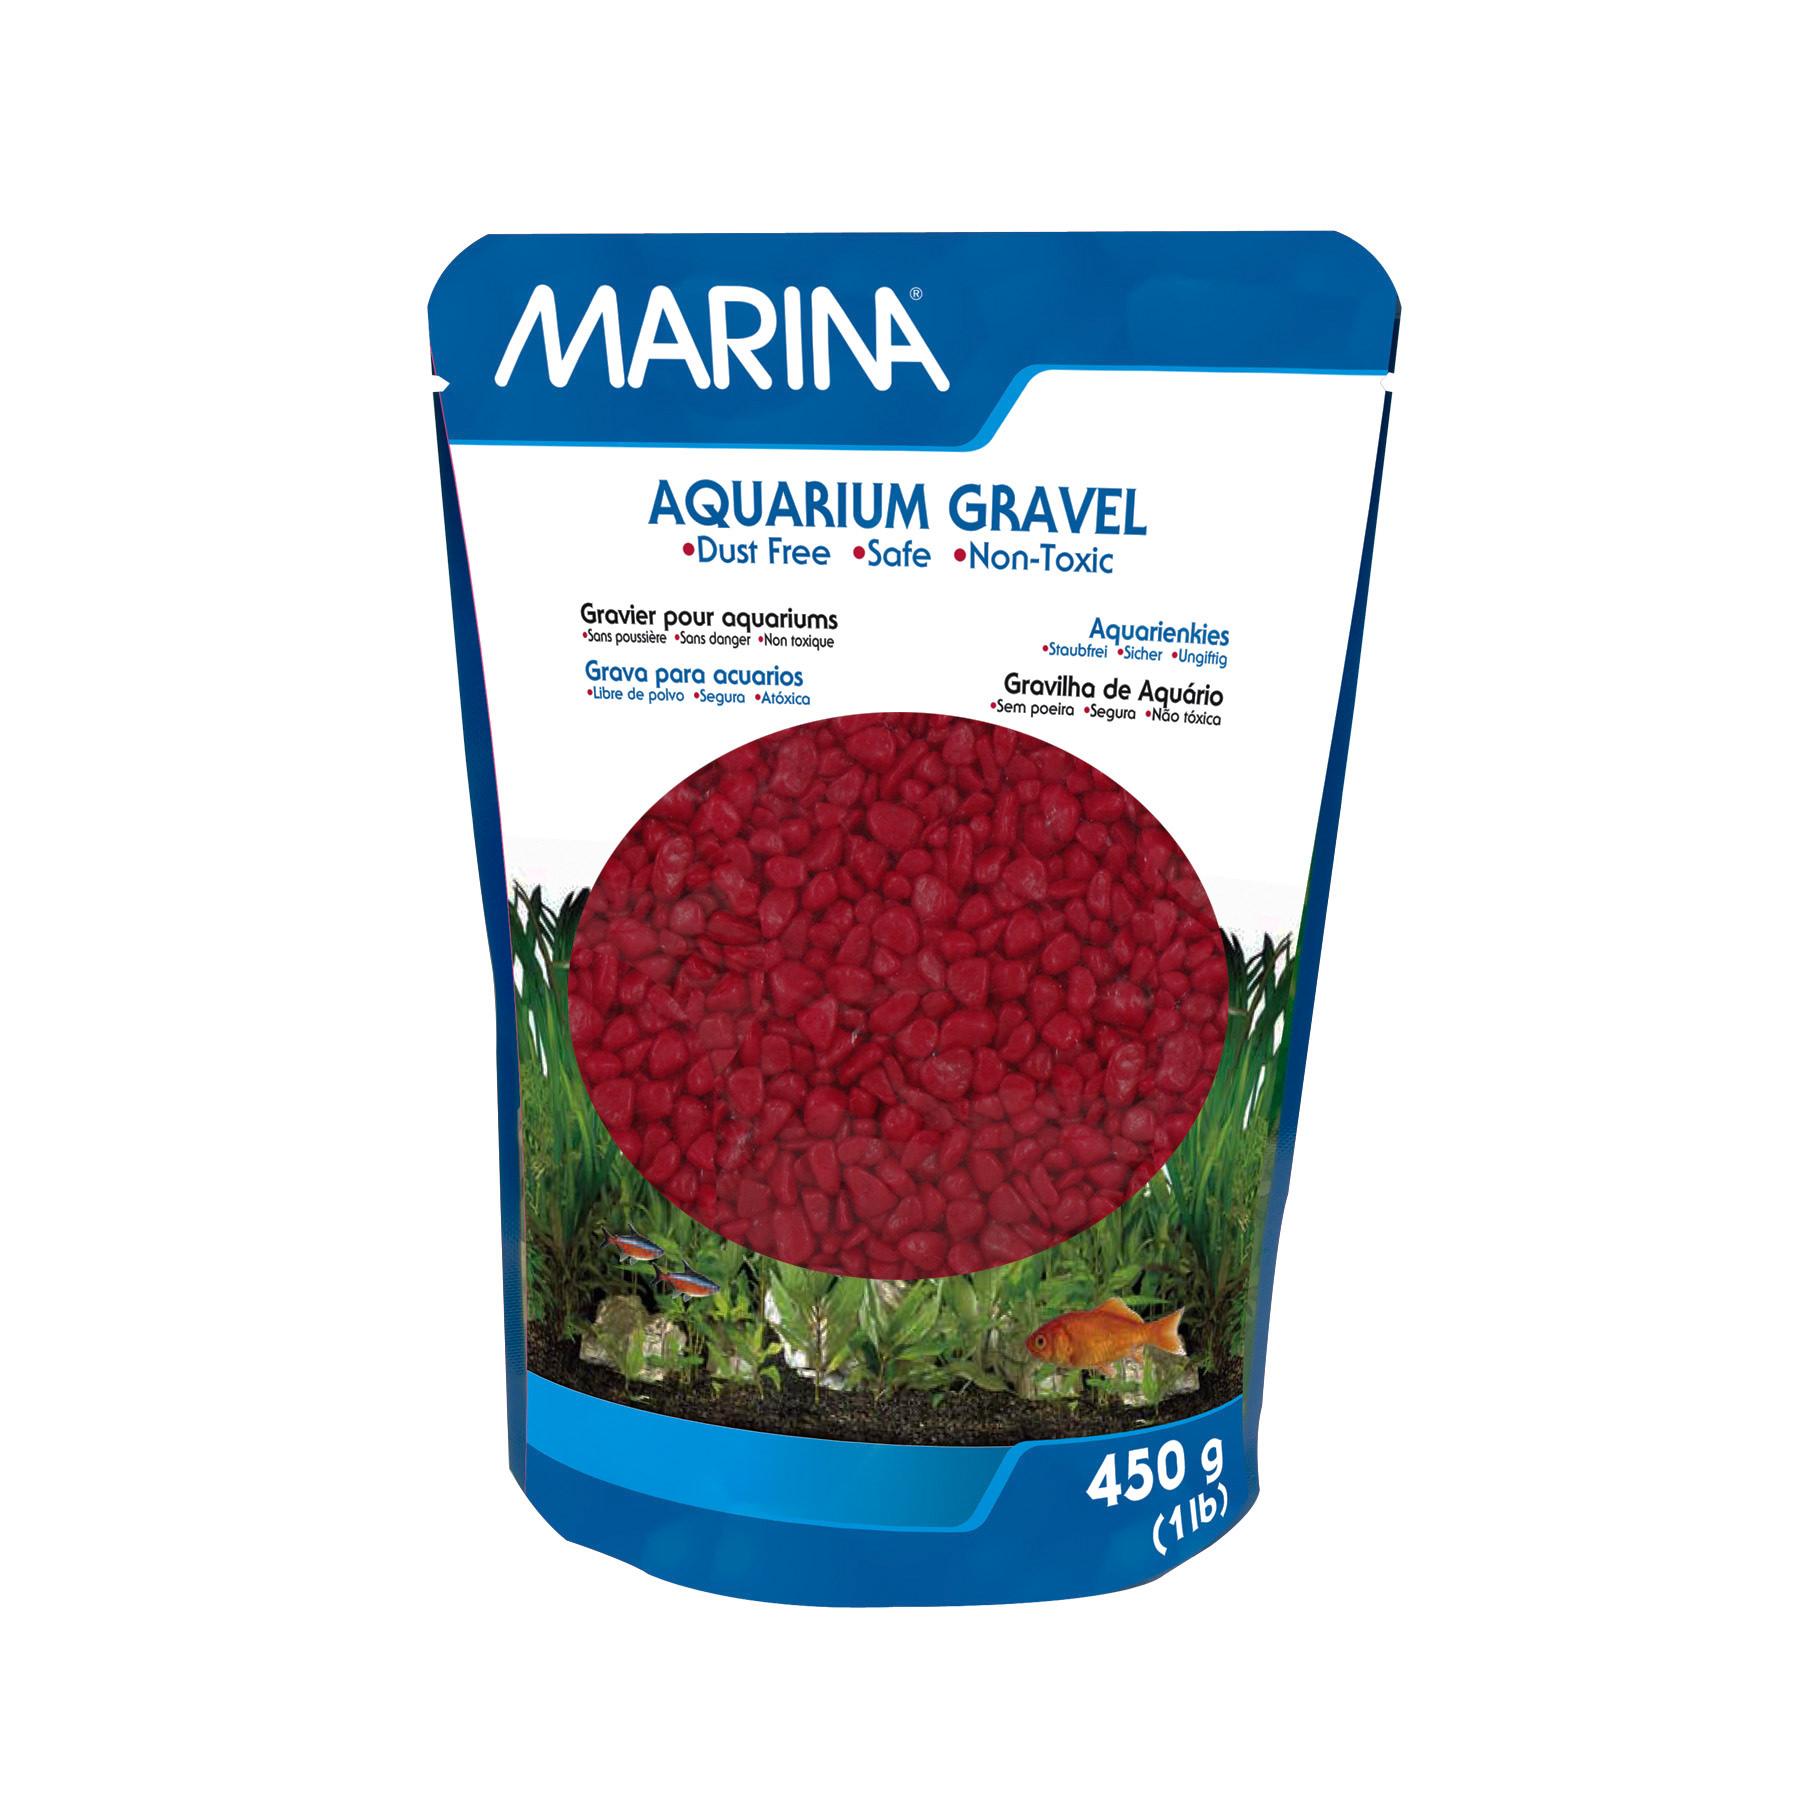 (3 Pack) Marina Red Aquarium Gravel, 1 lb